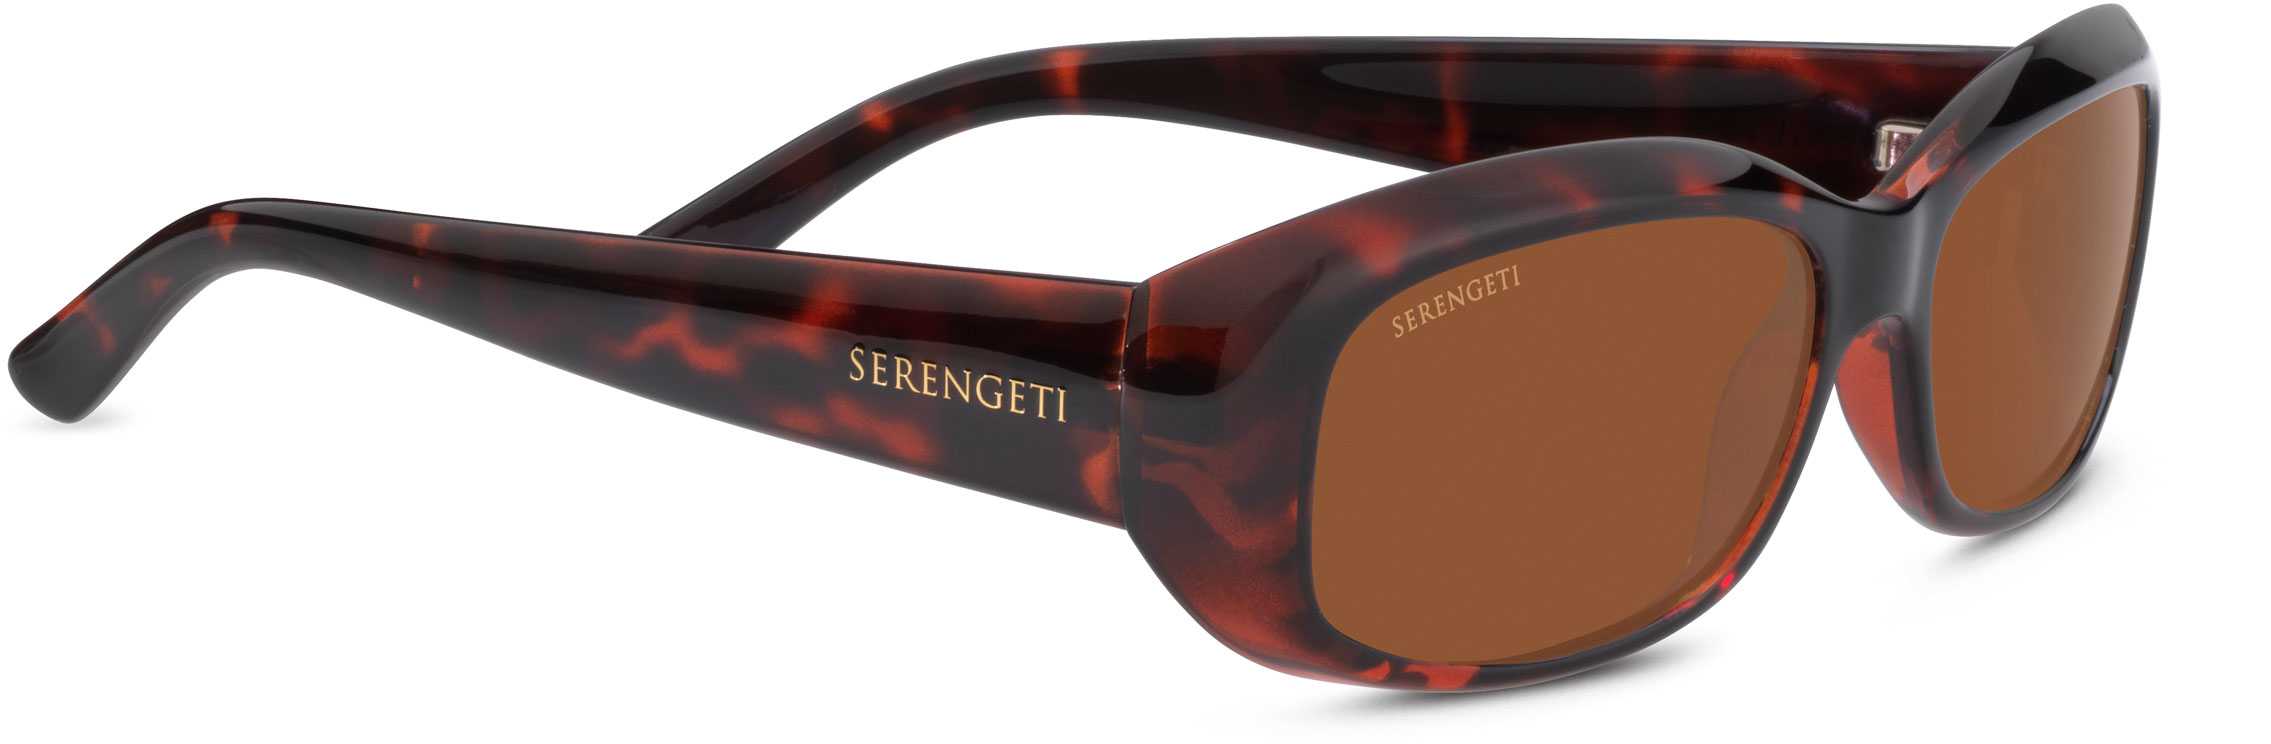 Serengeti Bianca-8979-56 | 726644102312